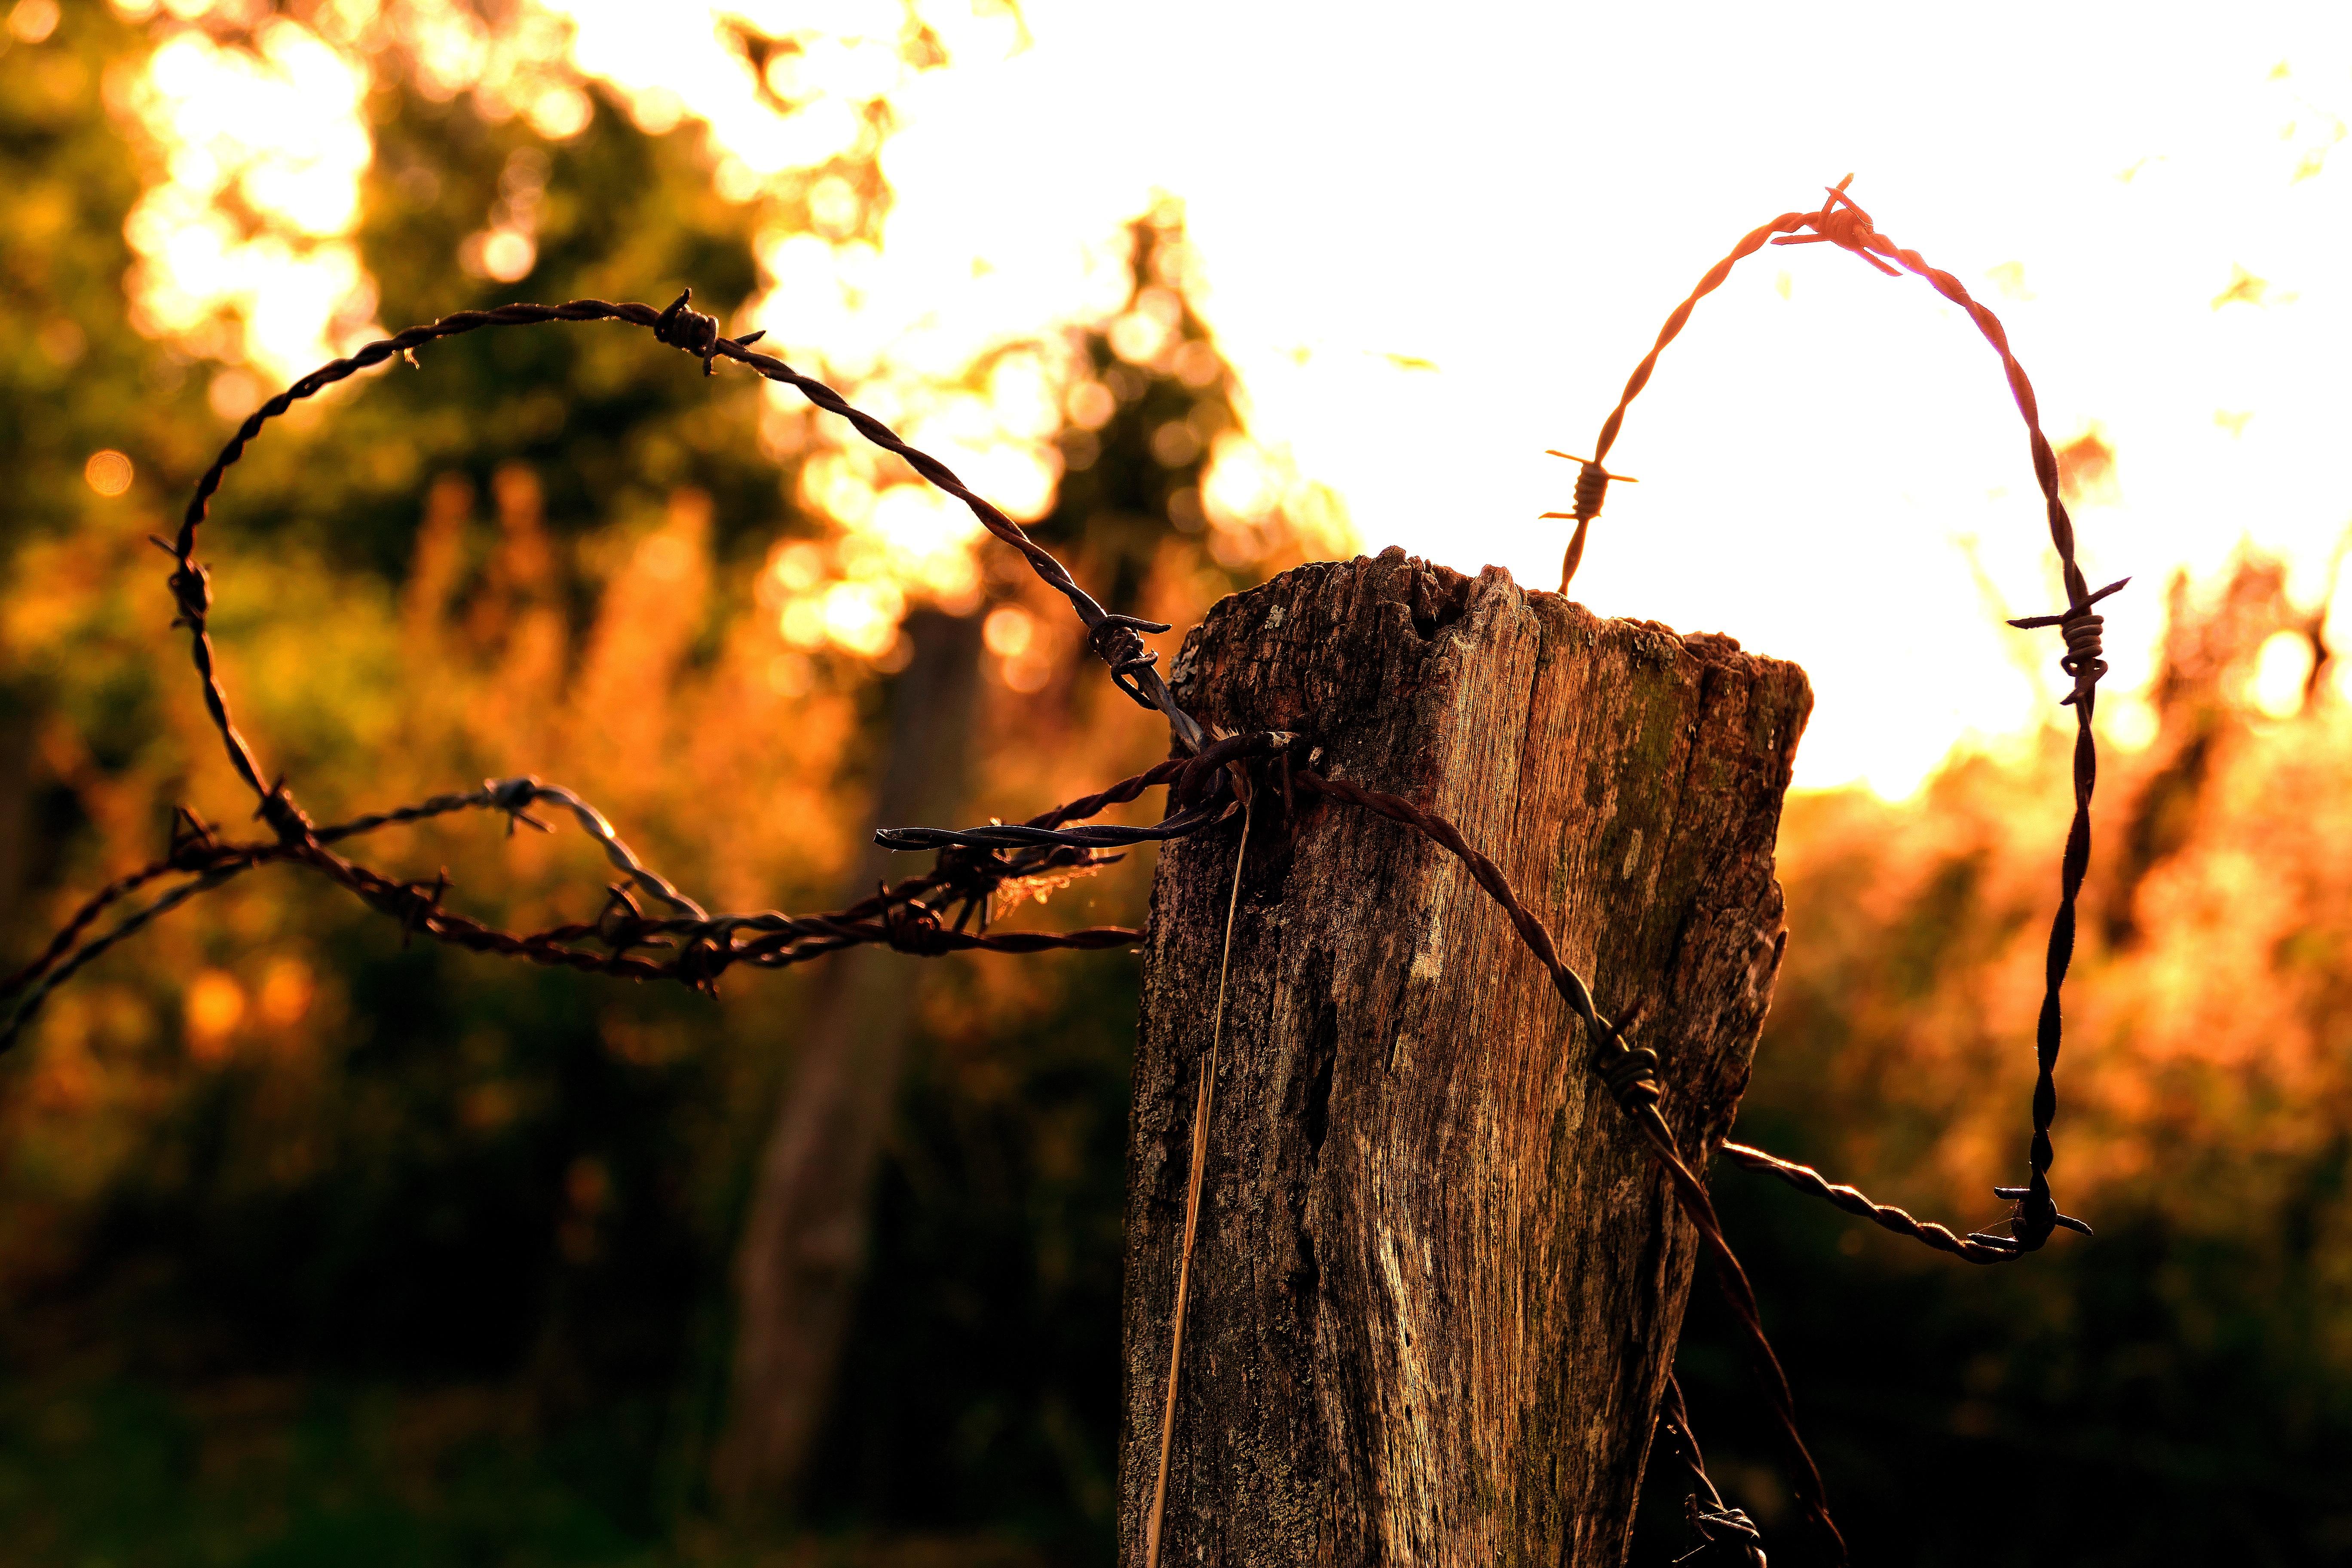 Kostenlose foto : Baum, Natur, Wald, Gras, Ast, Licht, Stacheldraht ...